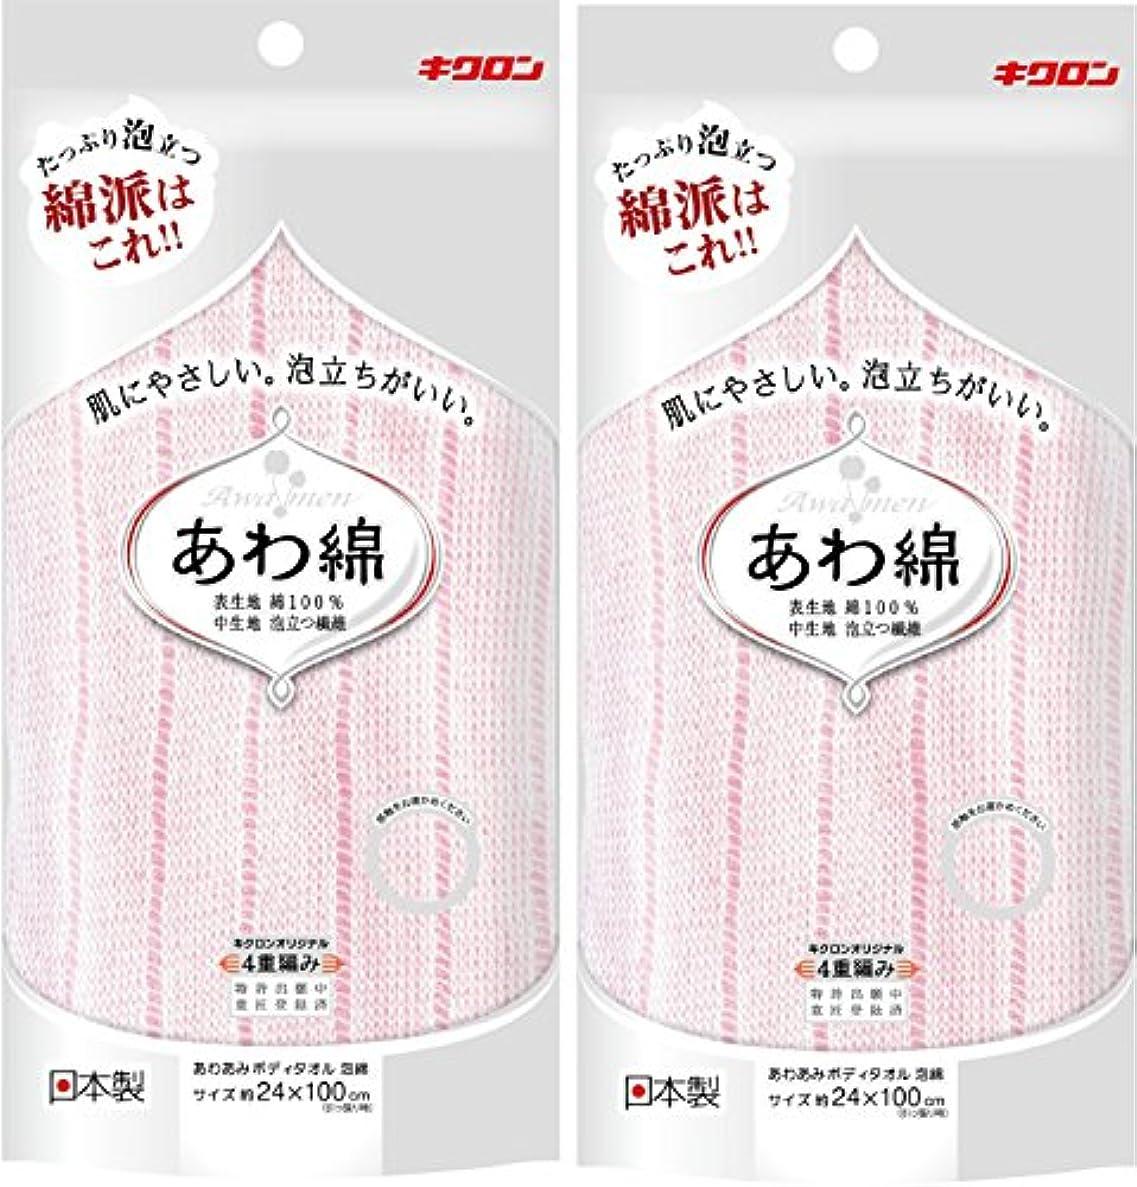 サンダル測る導入するキクロン お風呂グッズ 綿でもしっかり泡立つ あわあみ ボディタオル 泡綿 もも 2個入